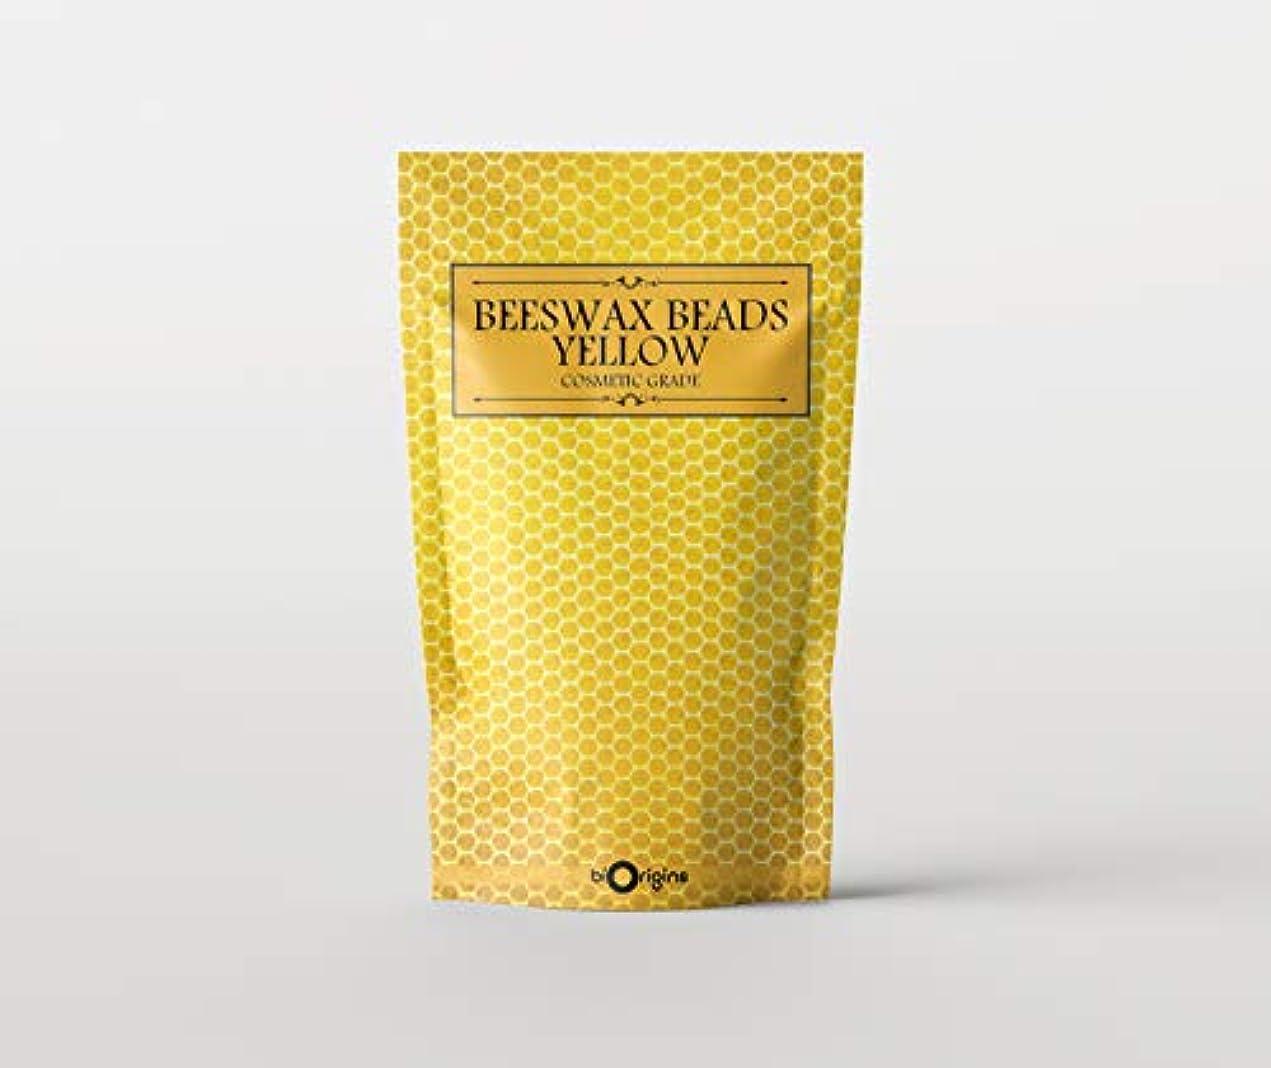 私たち忌避剤余剰Beeswax Beads Yellow - Cosmetic Grade - 500g